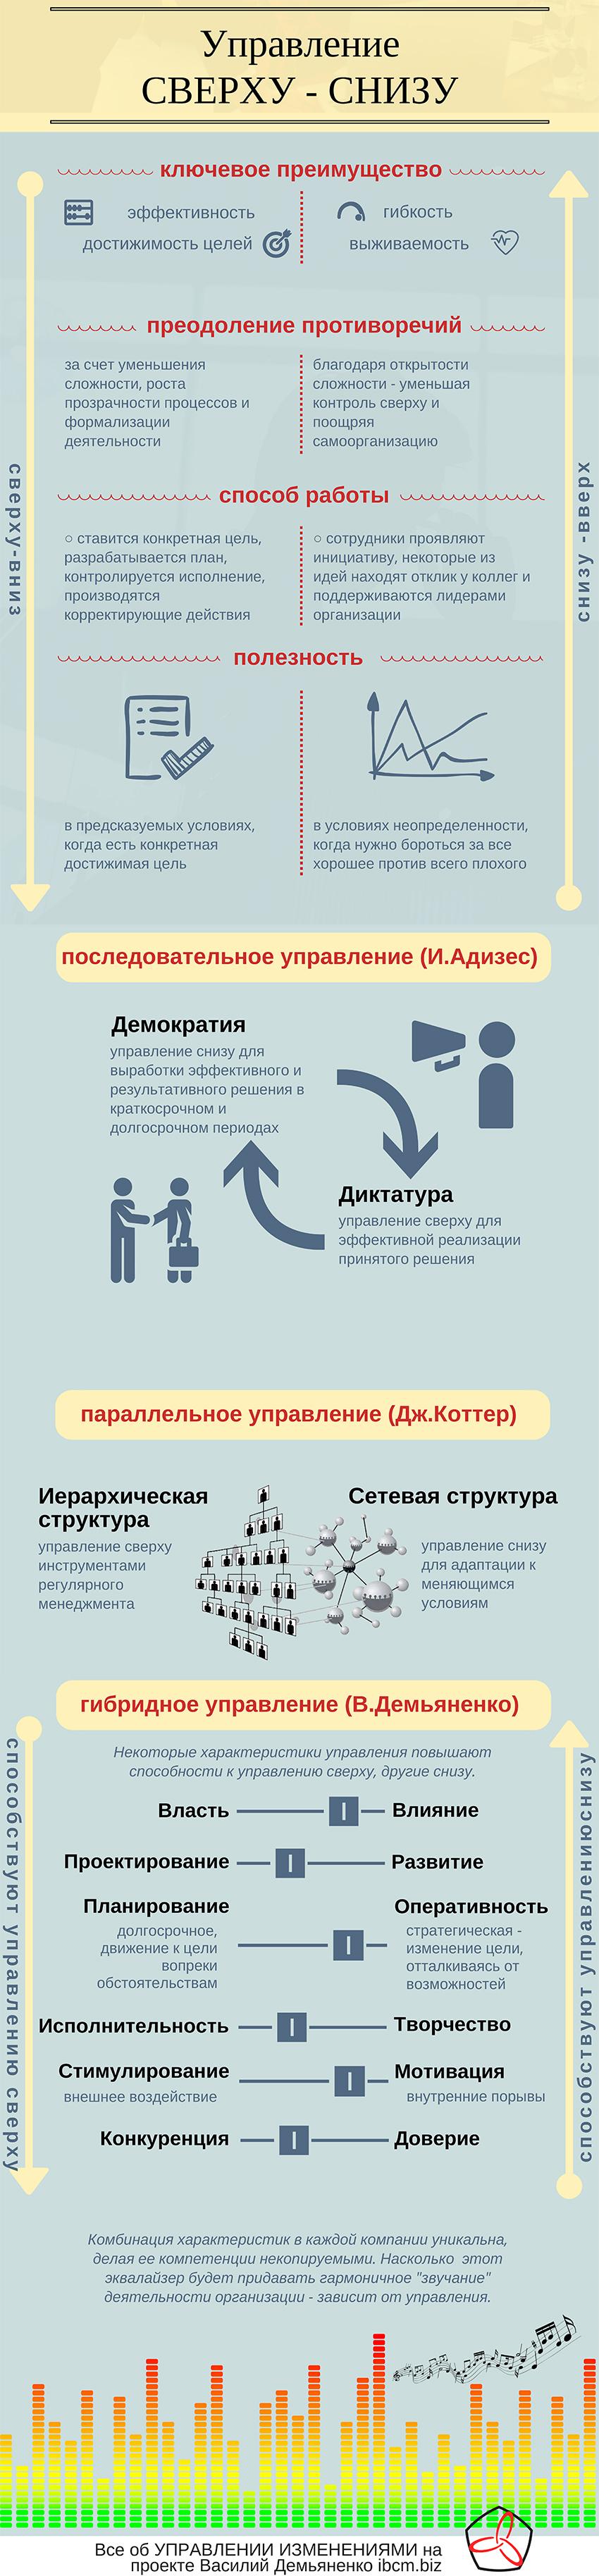 Управление СВЕРХУ - СНИЗ И СНИЗУ-ВВЕРХ